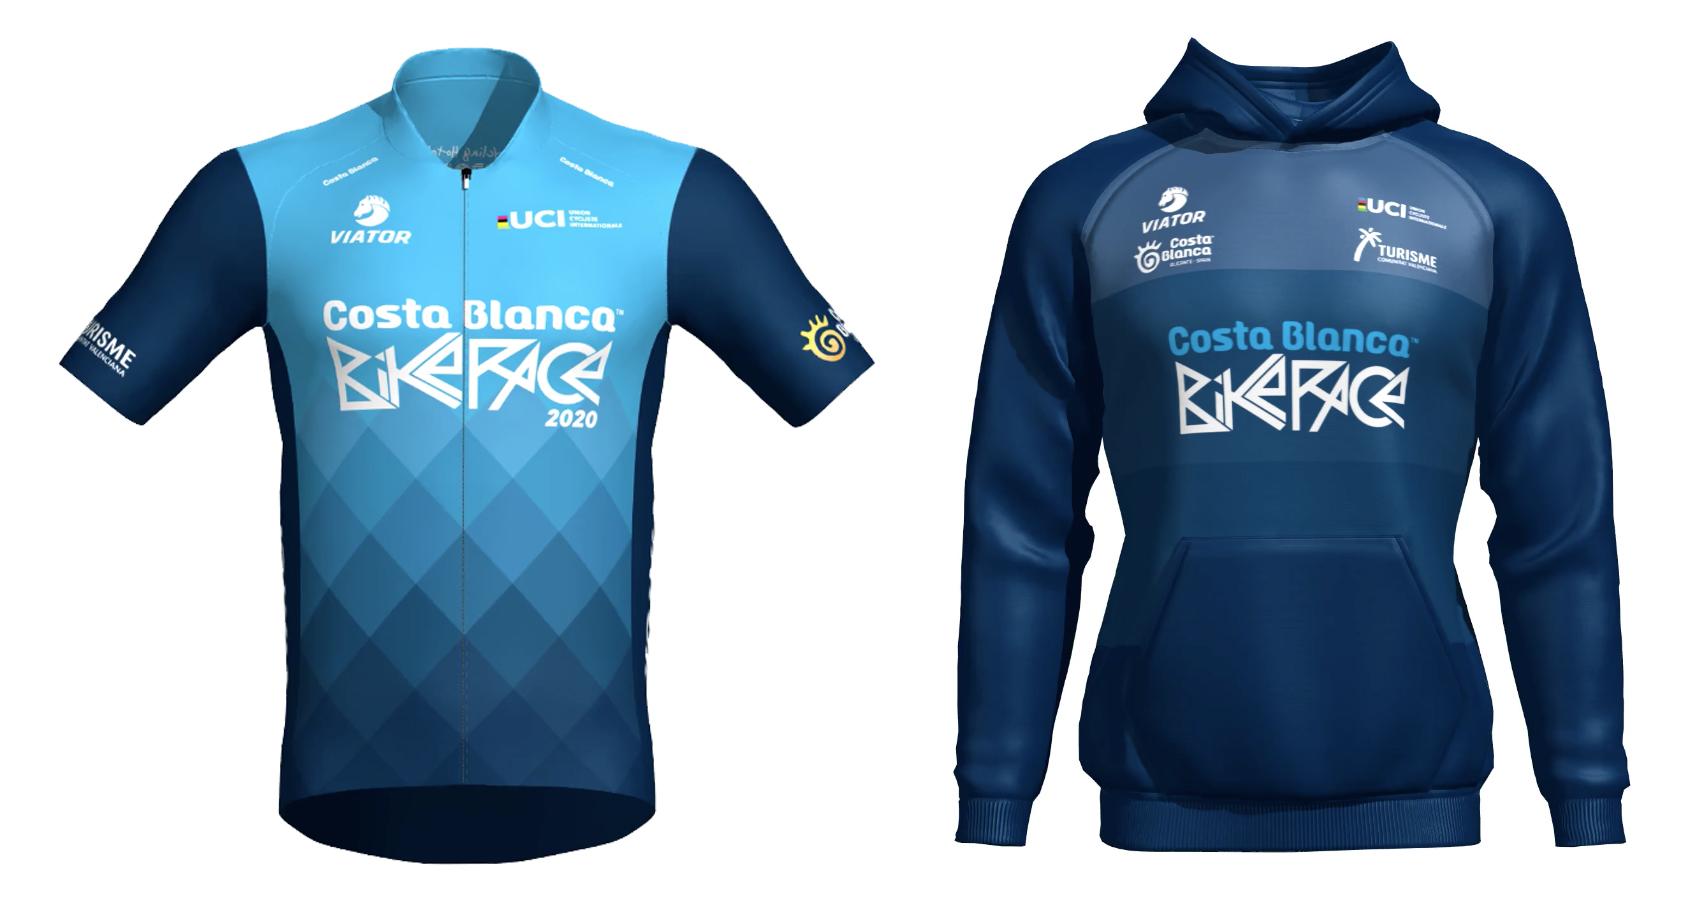 Viator vuelve a ser patrocinador de la Costa Blanca Bike Race 2020 -maillot de lider y sudadera